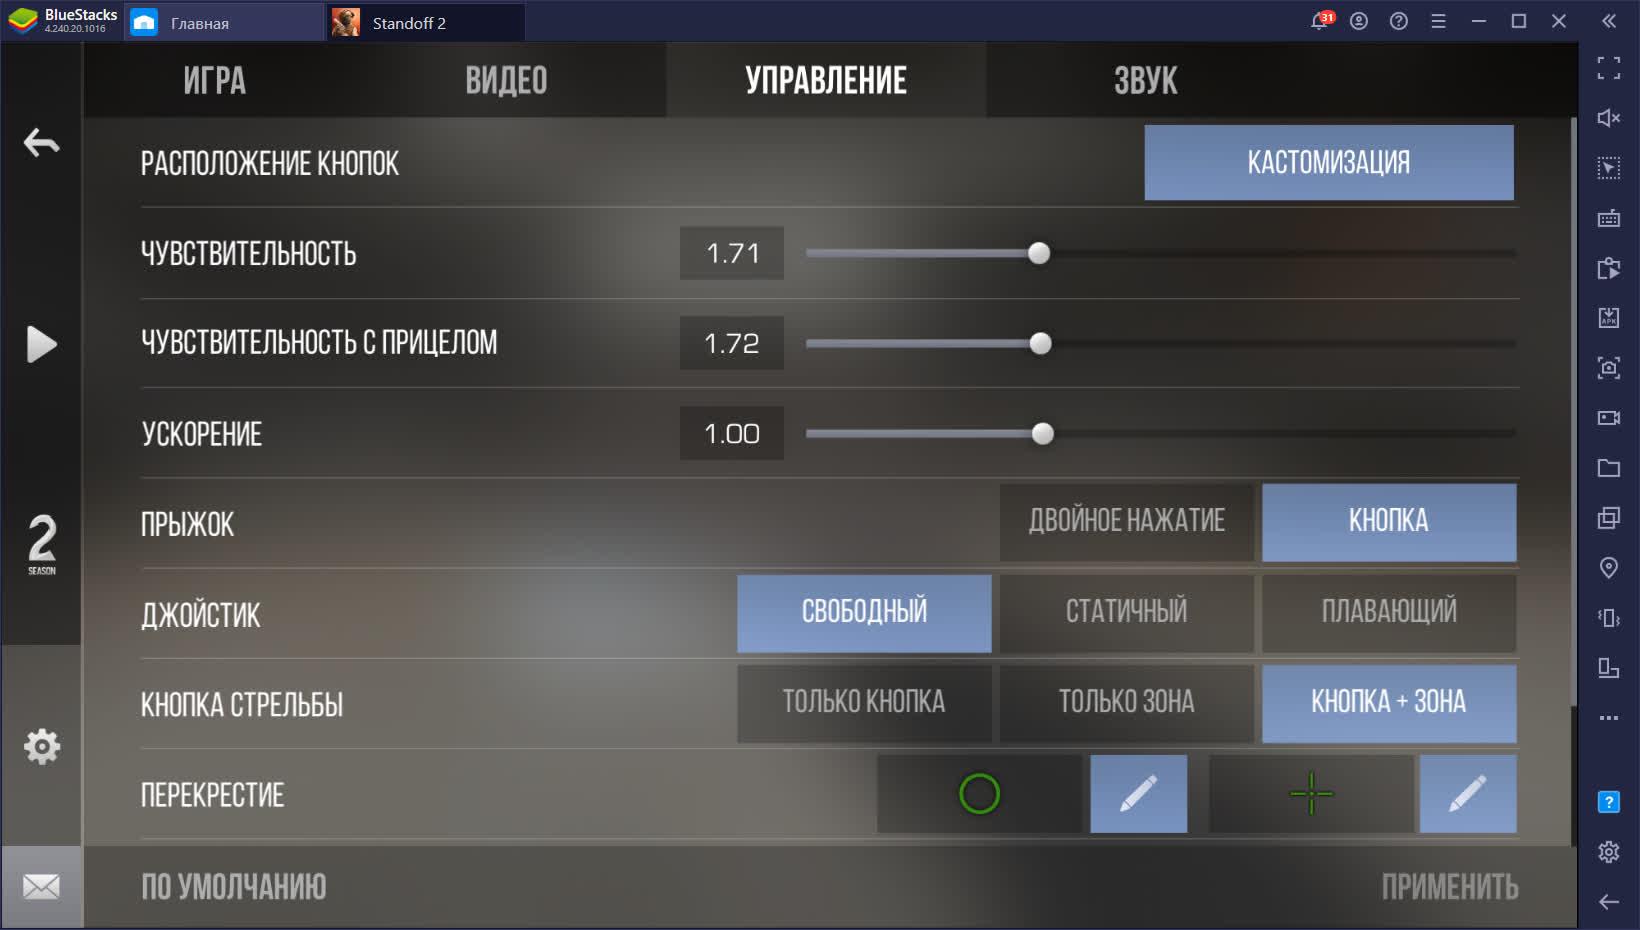 Как играть в лучший мобильный шутер Standoff 2 на ПК с BlueStacks?